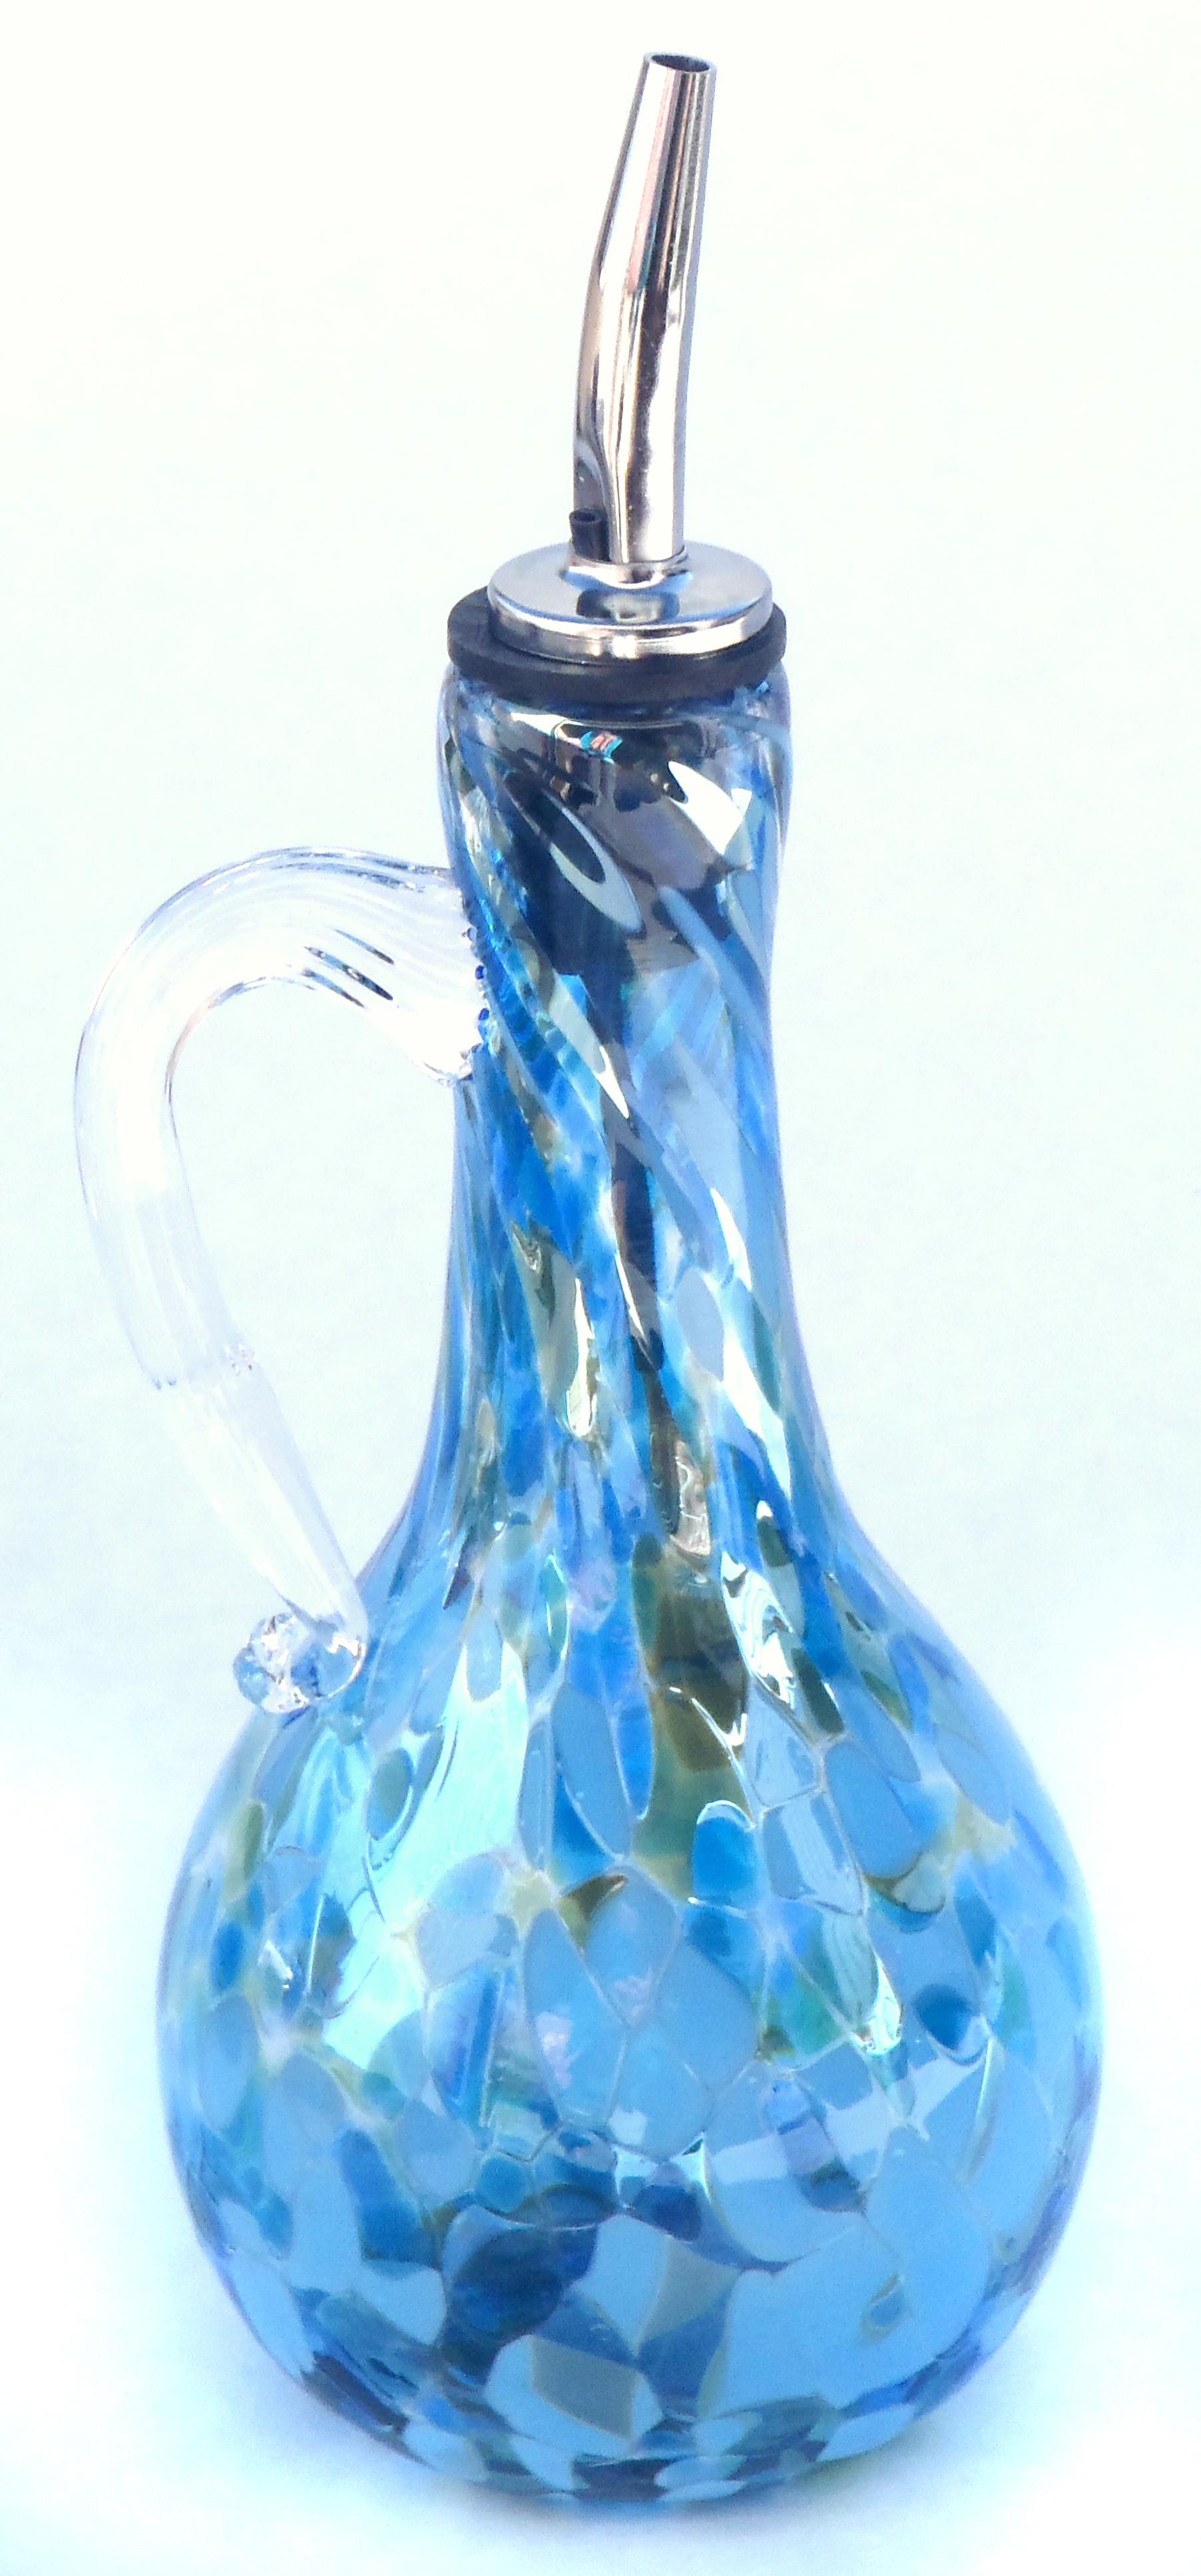 lt blue oil bottle